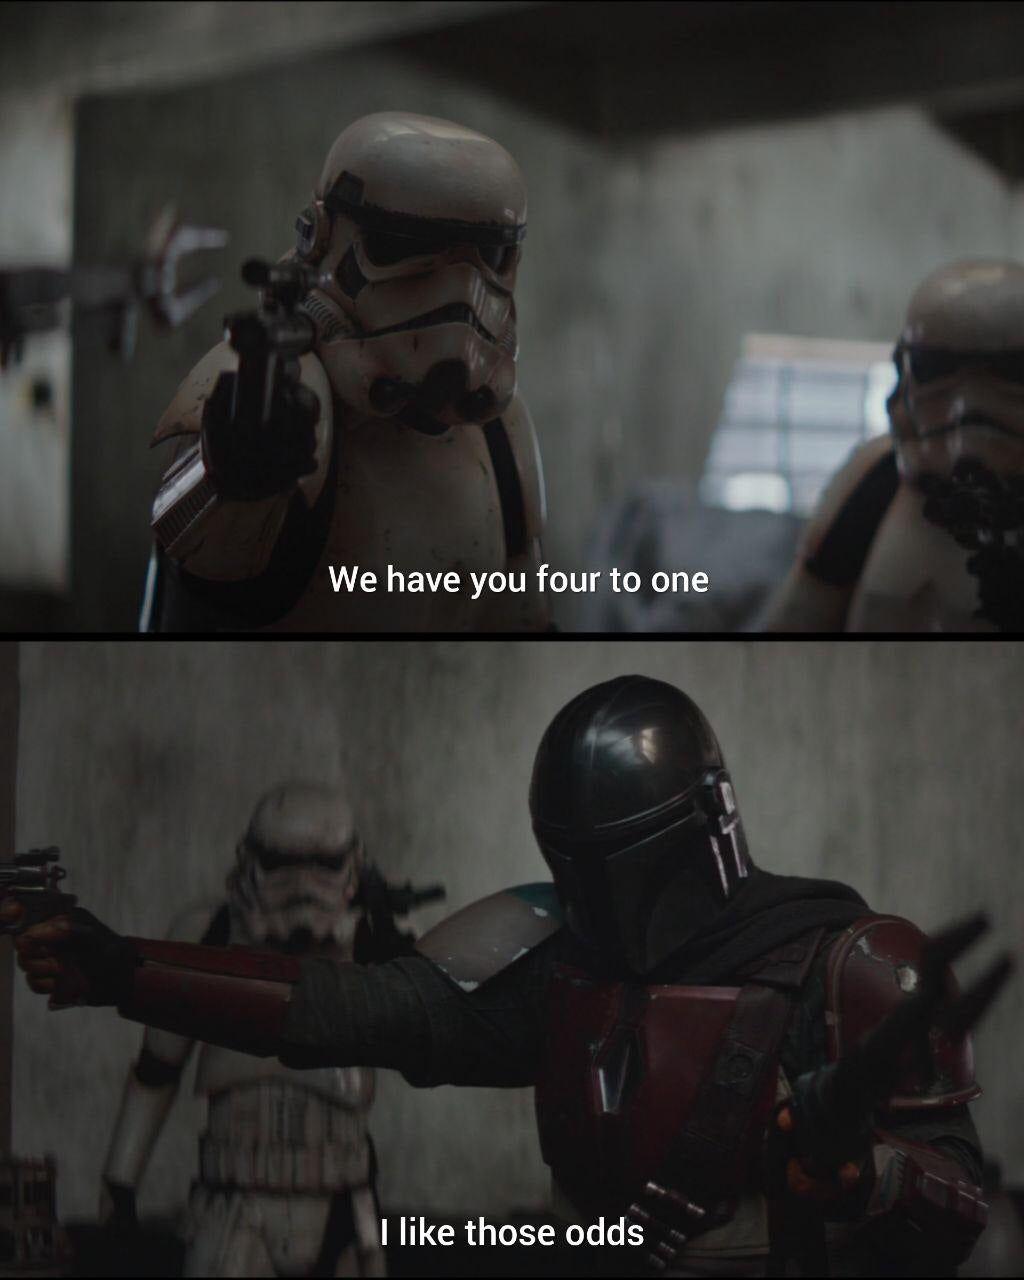 Pin By Andrea Fernanda On Meme Formats Star Wars Humor Star Wars Fandom Star Wars Memes